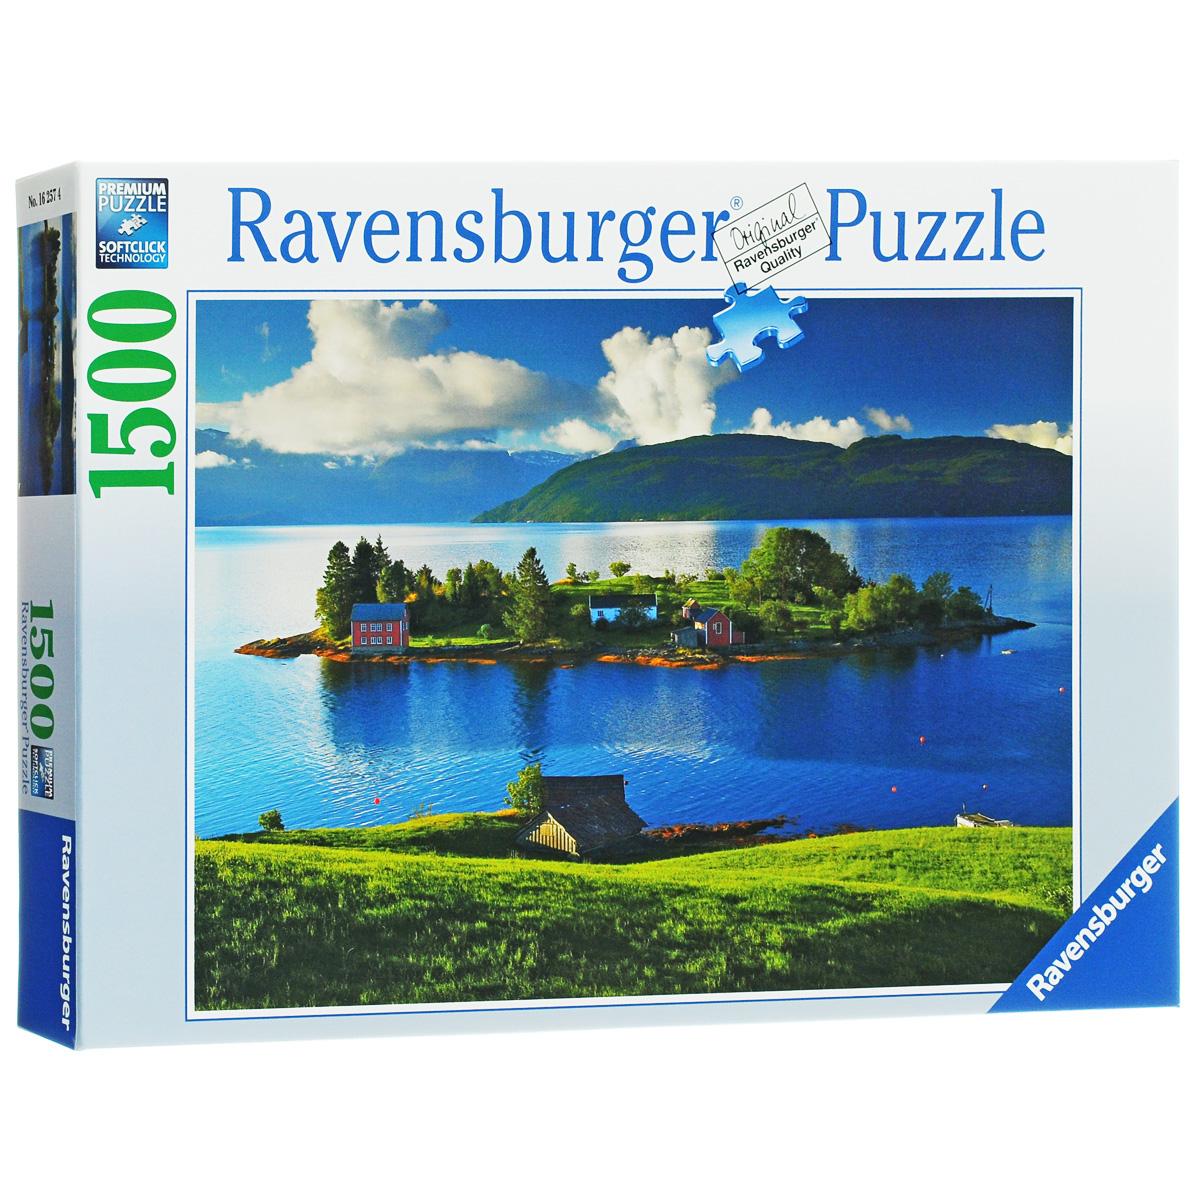 Ravensburger Остров в Норвегии. Пазл, 1500 элементов16257Пазл Ravensburger Остров в Норвегии, без сомнения, придется по душе вам и вашему ребенку. Собрав этот пазл, включающий в себя 1500 элементов, вы получите потрясающую картину с изображением небольшого норвежского островка. Такие островки, расположенные вдоль длинного побережья Норвегии, зачастую являются домом для рыбаков. Каждая деталь имеет свою форму и подходит только на своё место. Нет двух одинаковых деталей! Пазл изготовлен из картона высочайшего качества. Все изображения аккуратно отсканированы и напечатаны на ламинированной бумаге. Пазлы - прекрасное антистрессовое средство для взрослых и замечательная развивающая игра для детей. Собирание пазла развивает у ребенка мелкую моторику рук, тренирует наблюдательность, логическое мышление, знакомит с окружающим миром, с цветом и разнообразными формами, учит усидчивости и терпению, аккуратности и вниманию. Собирание пазла - прекрасное времяпрепровождение для всей семьи.